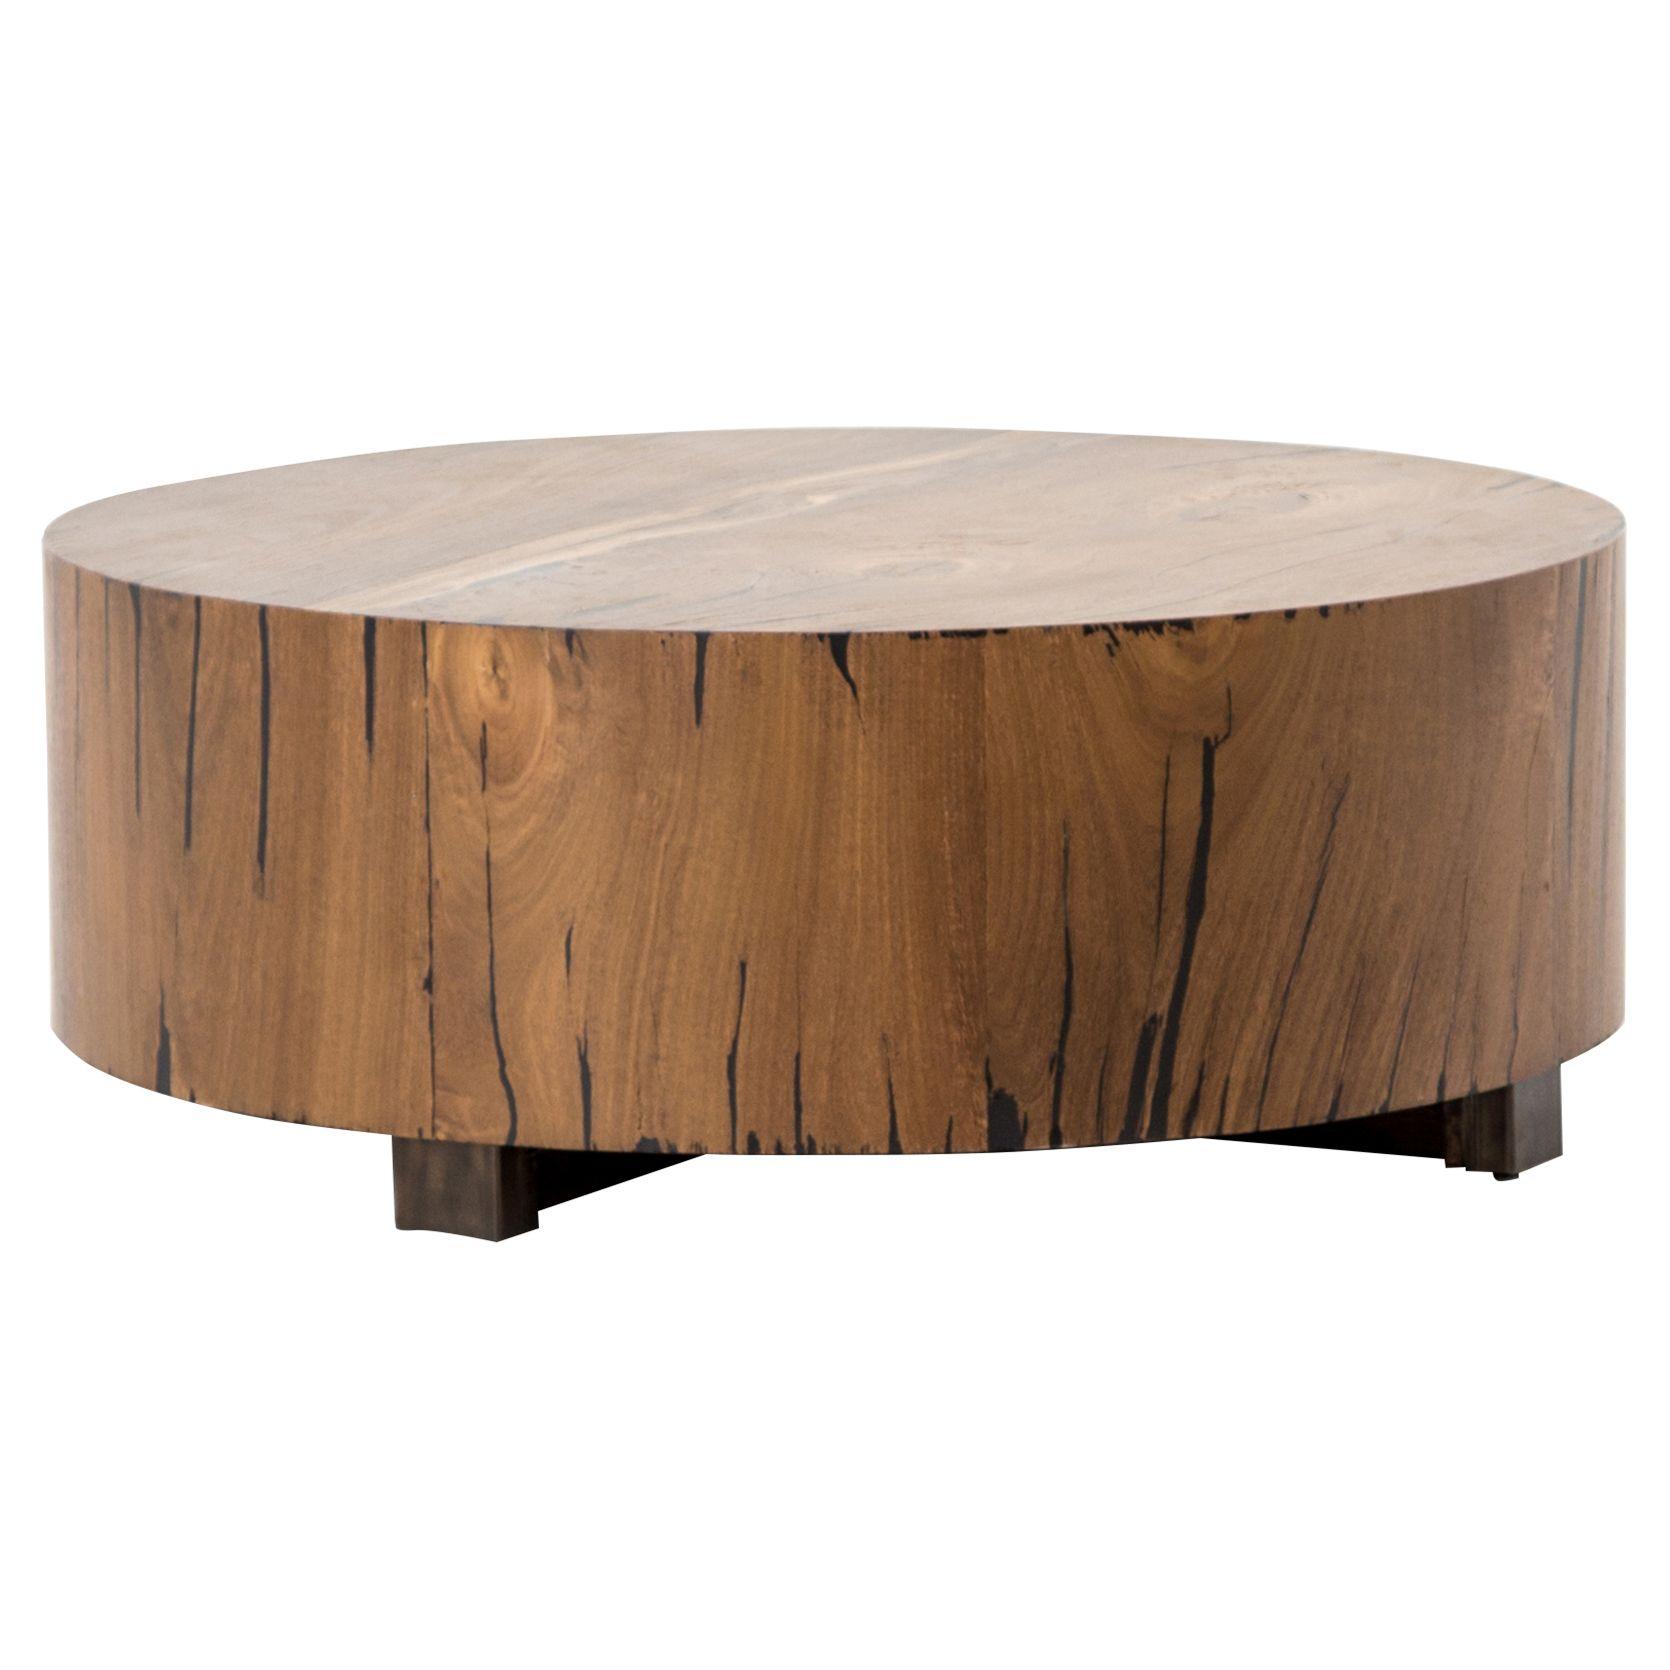 Redding Rustic Lodge Natural Wood Tree Trunk Round Coffee Table In 2021 Tree Trunk Coffee Table Coffee Table Trunk Round Wood Coffee Table [ 1670 x 1670 Pixel ]